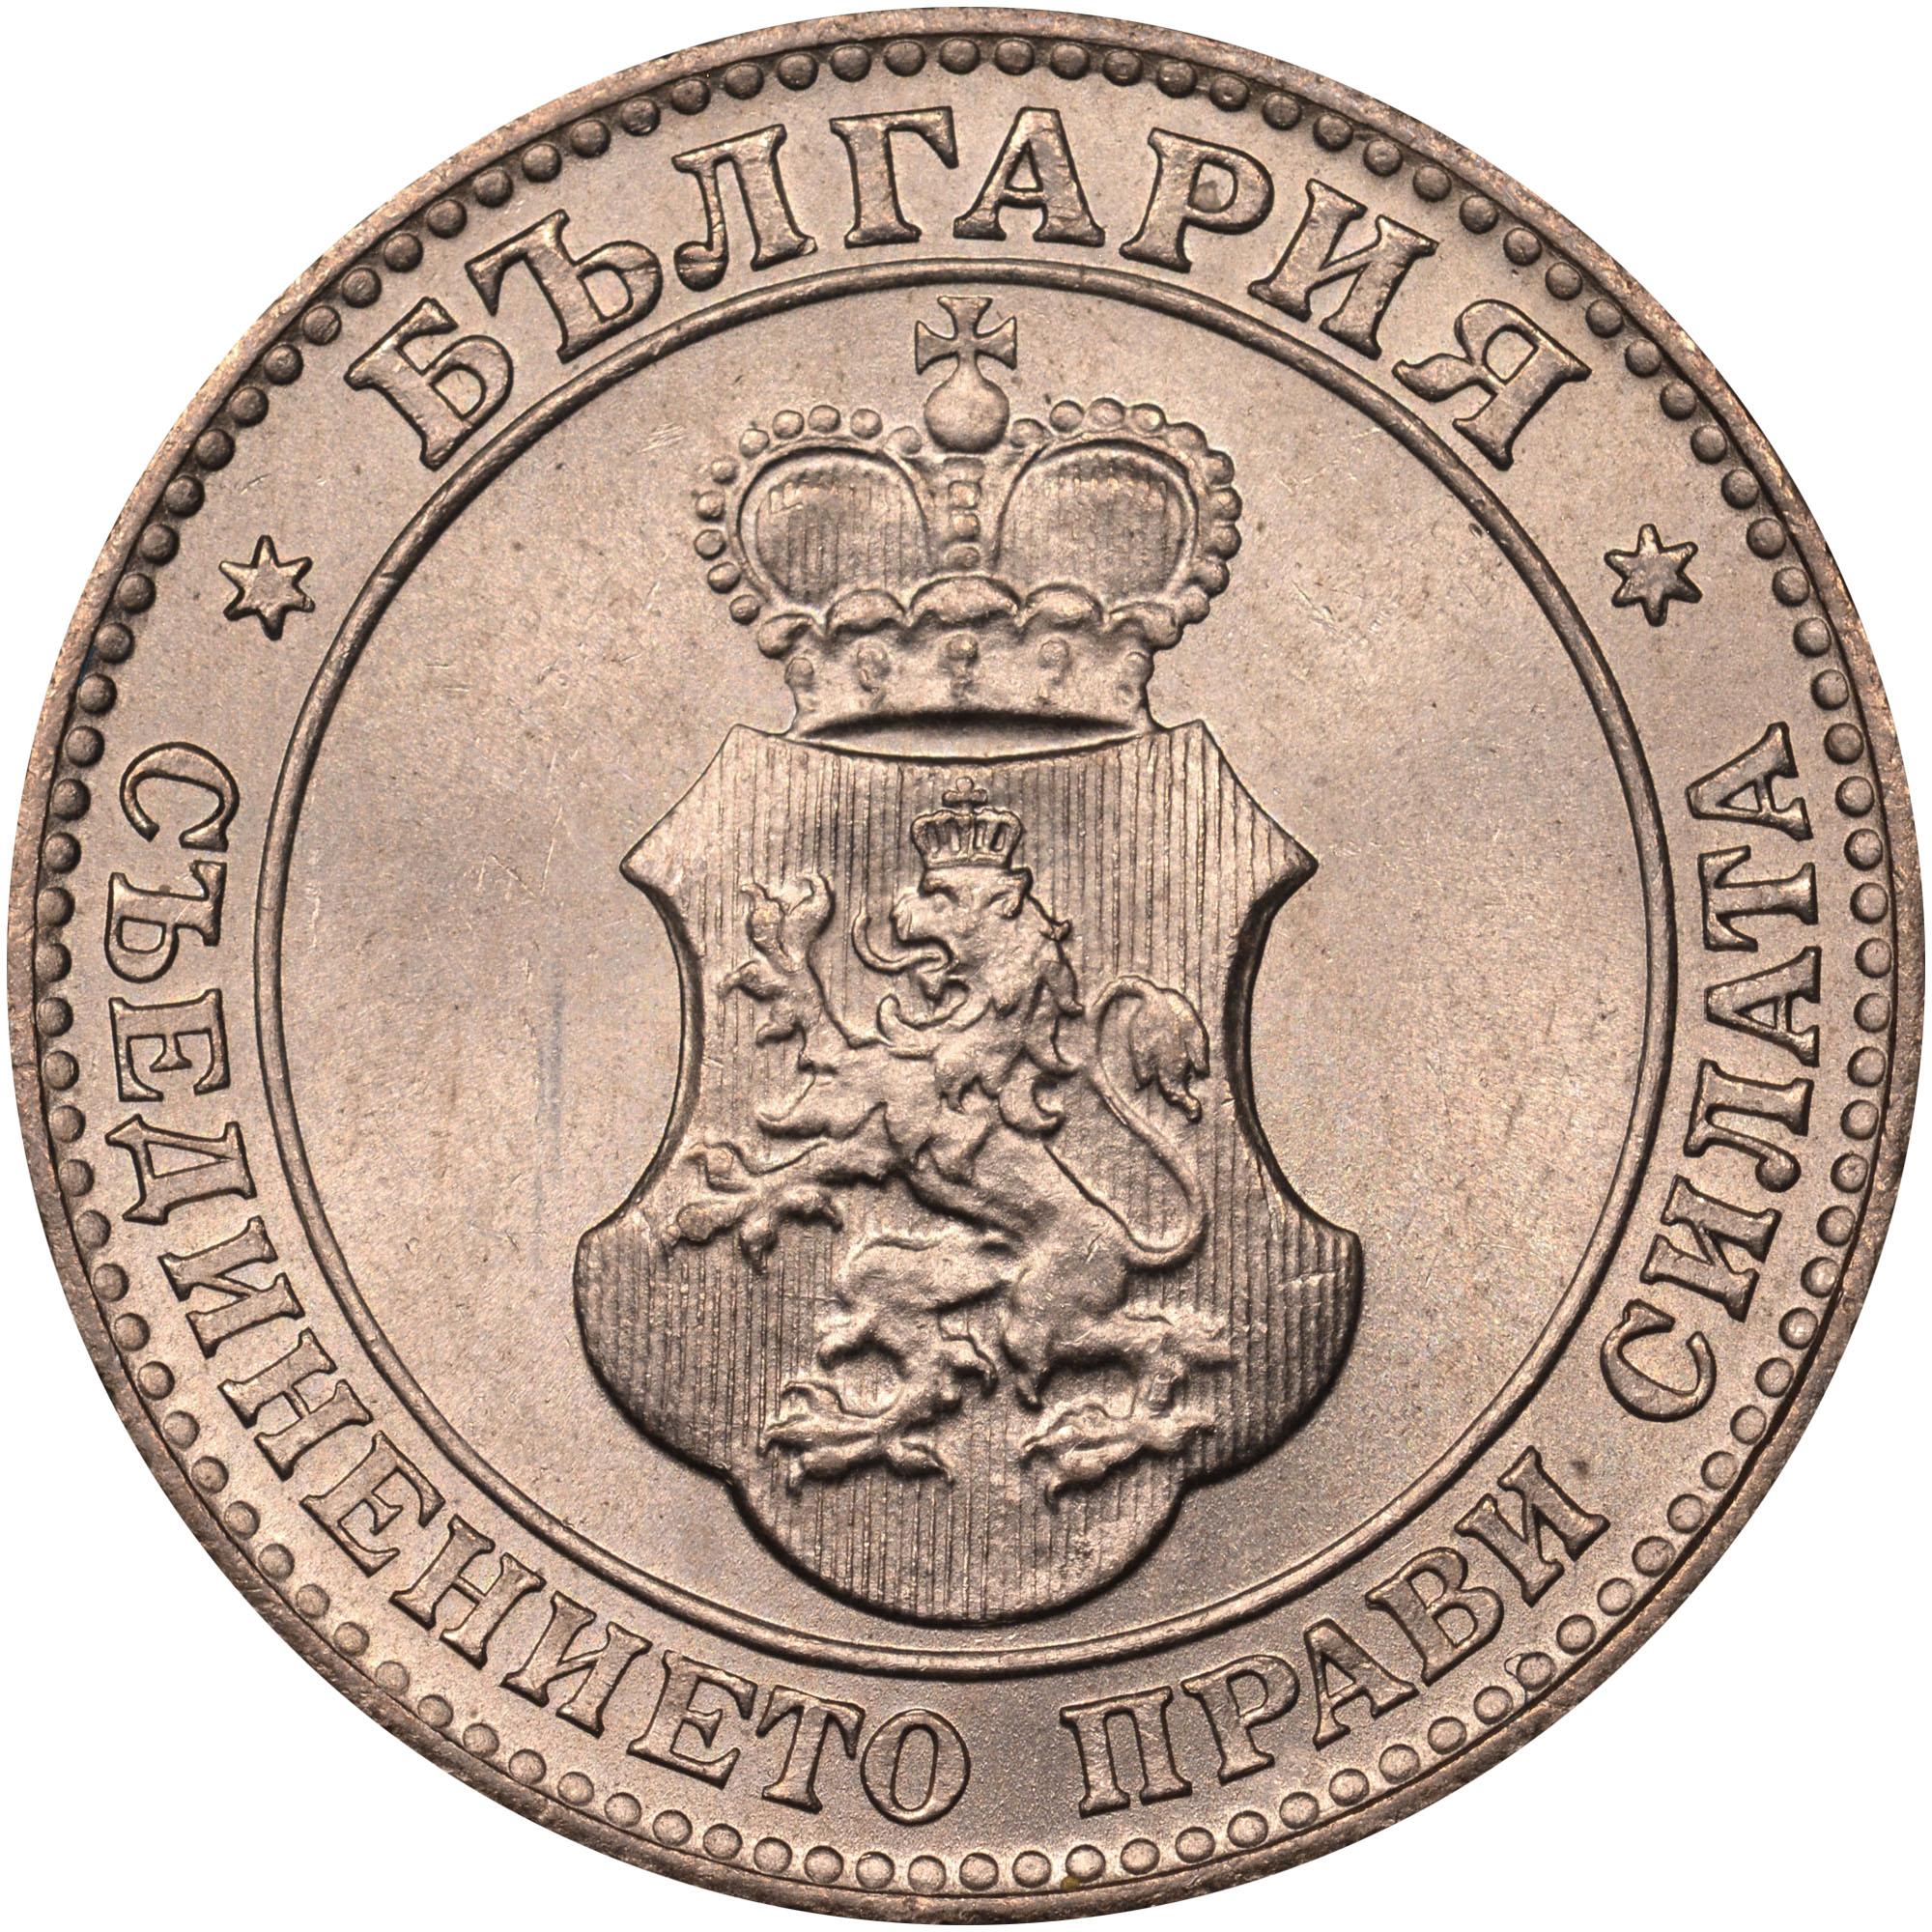 Bulgaria 20 Stotinki obverse